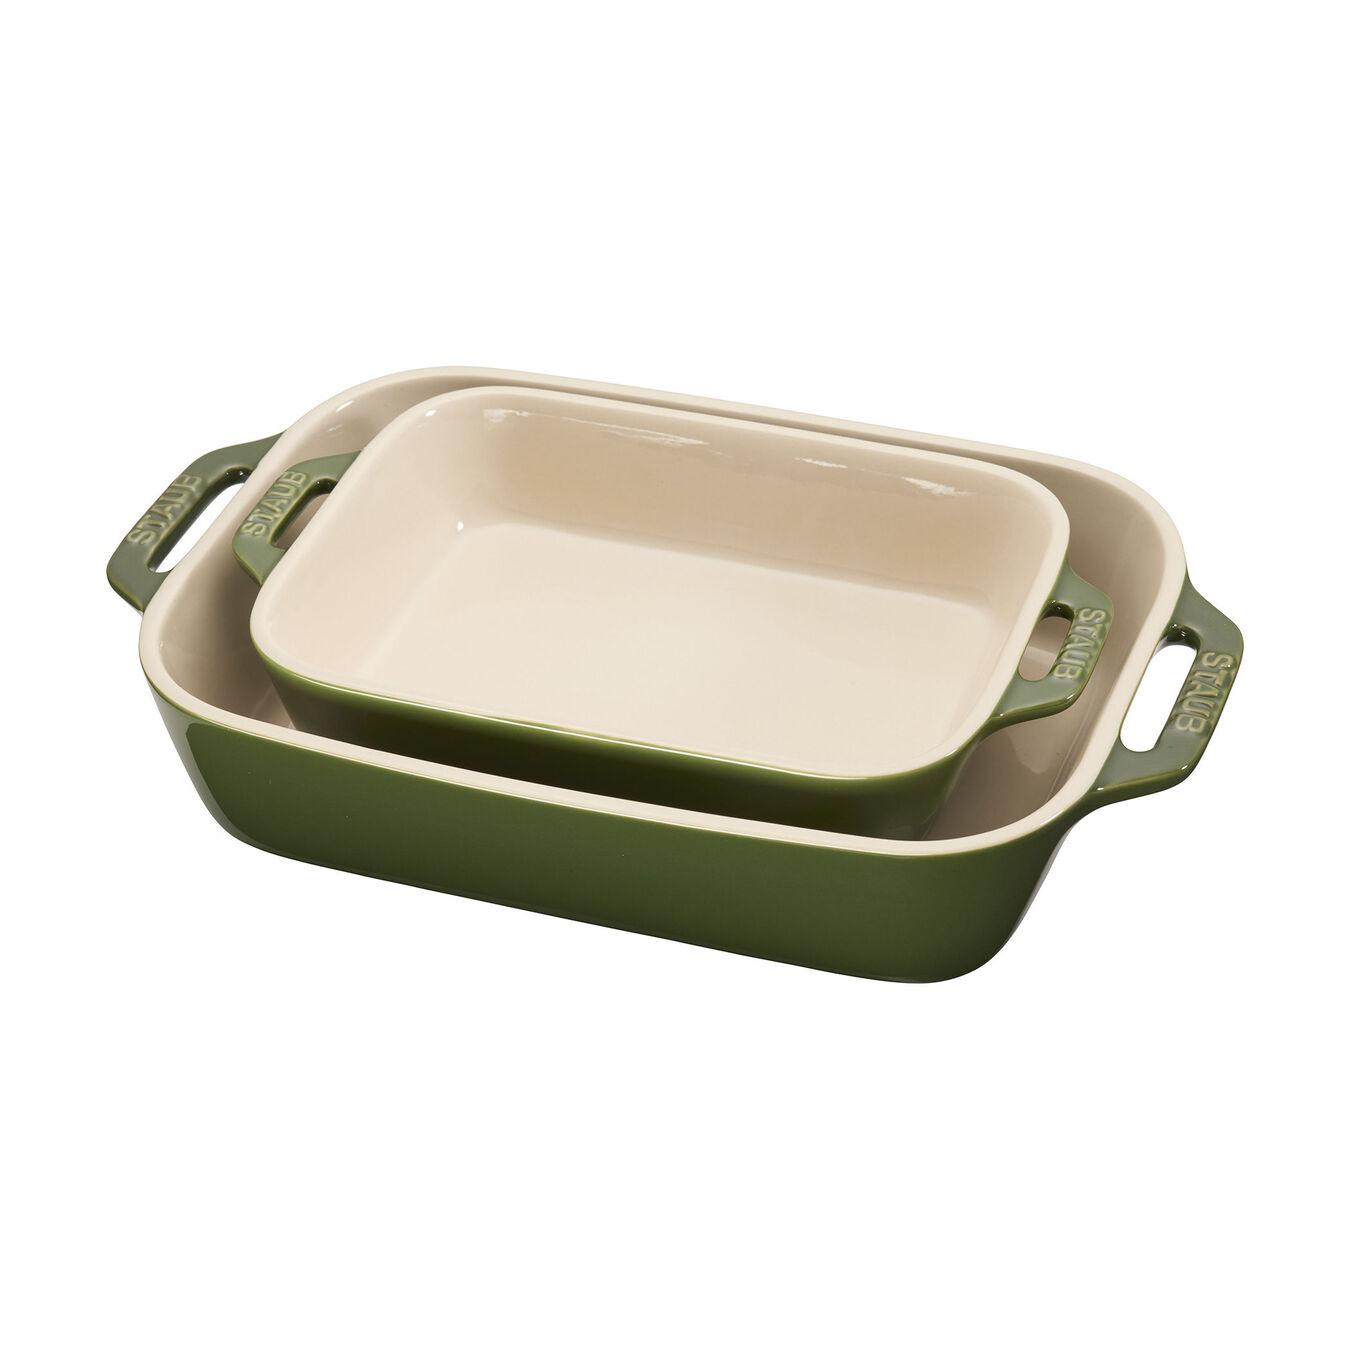 2-pc Rectangular Baking Dish Set - Basil,,large 1